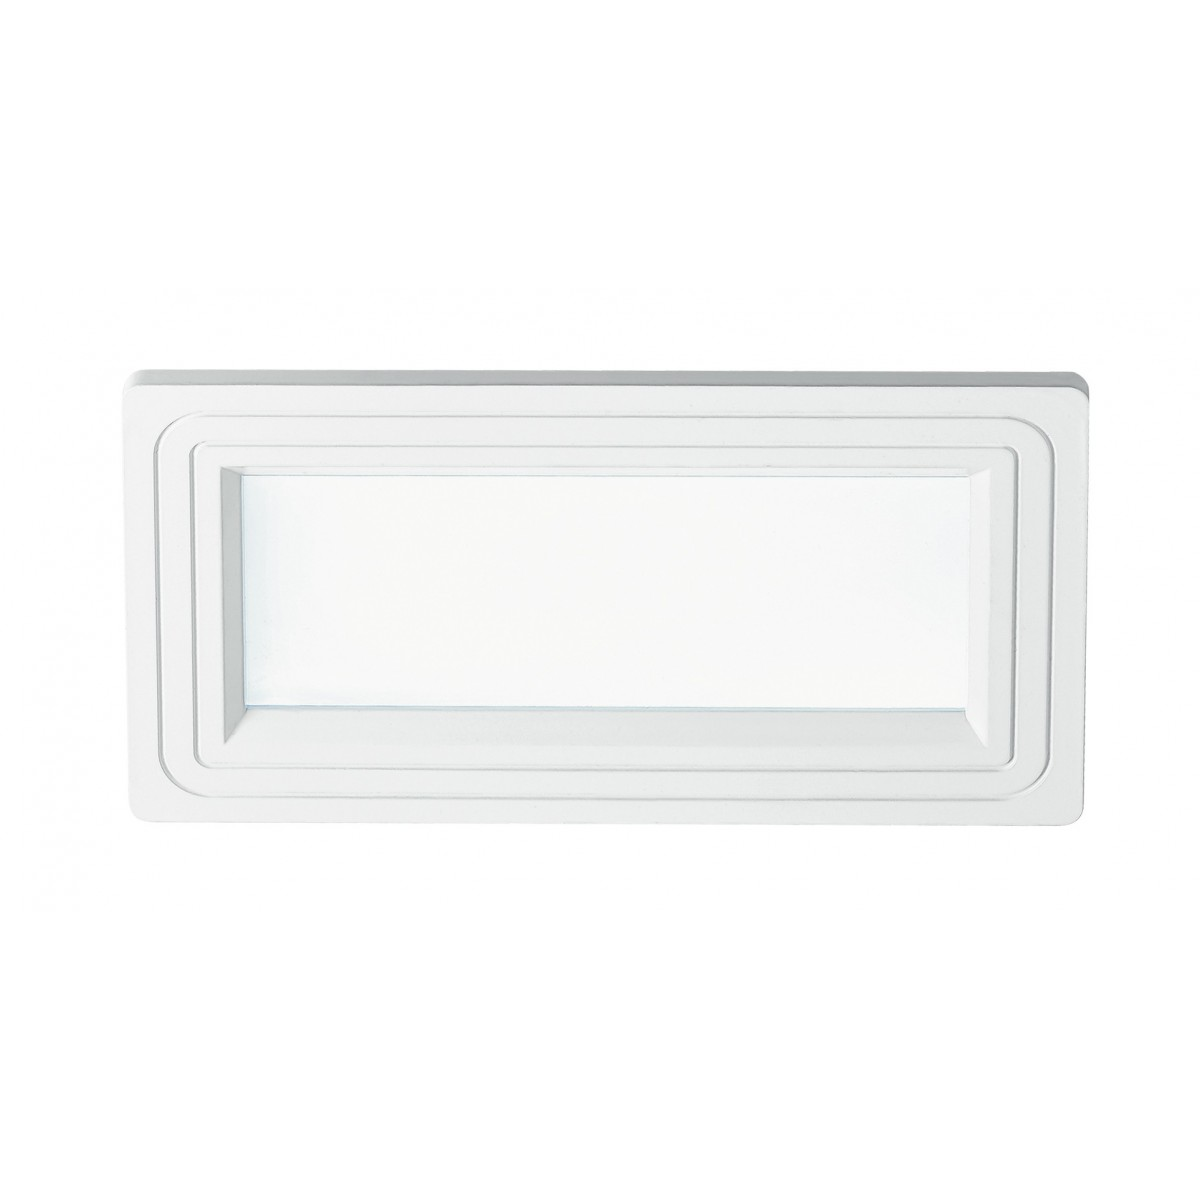 INC-FLAP-RT/12W - Faretto Incasso Alluminio Bianco Opaco Soffitto Ribassato Led 12 watt Luce Naturale